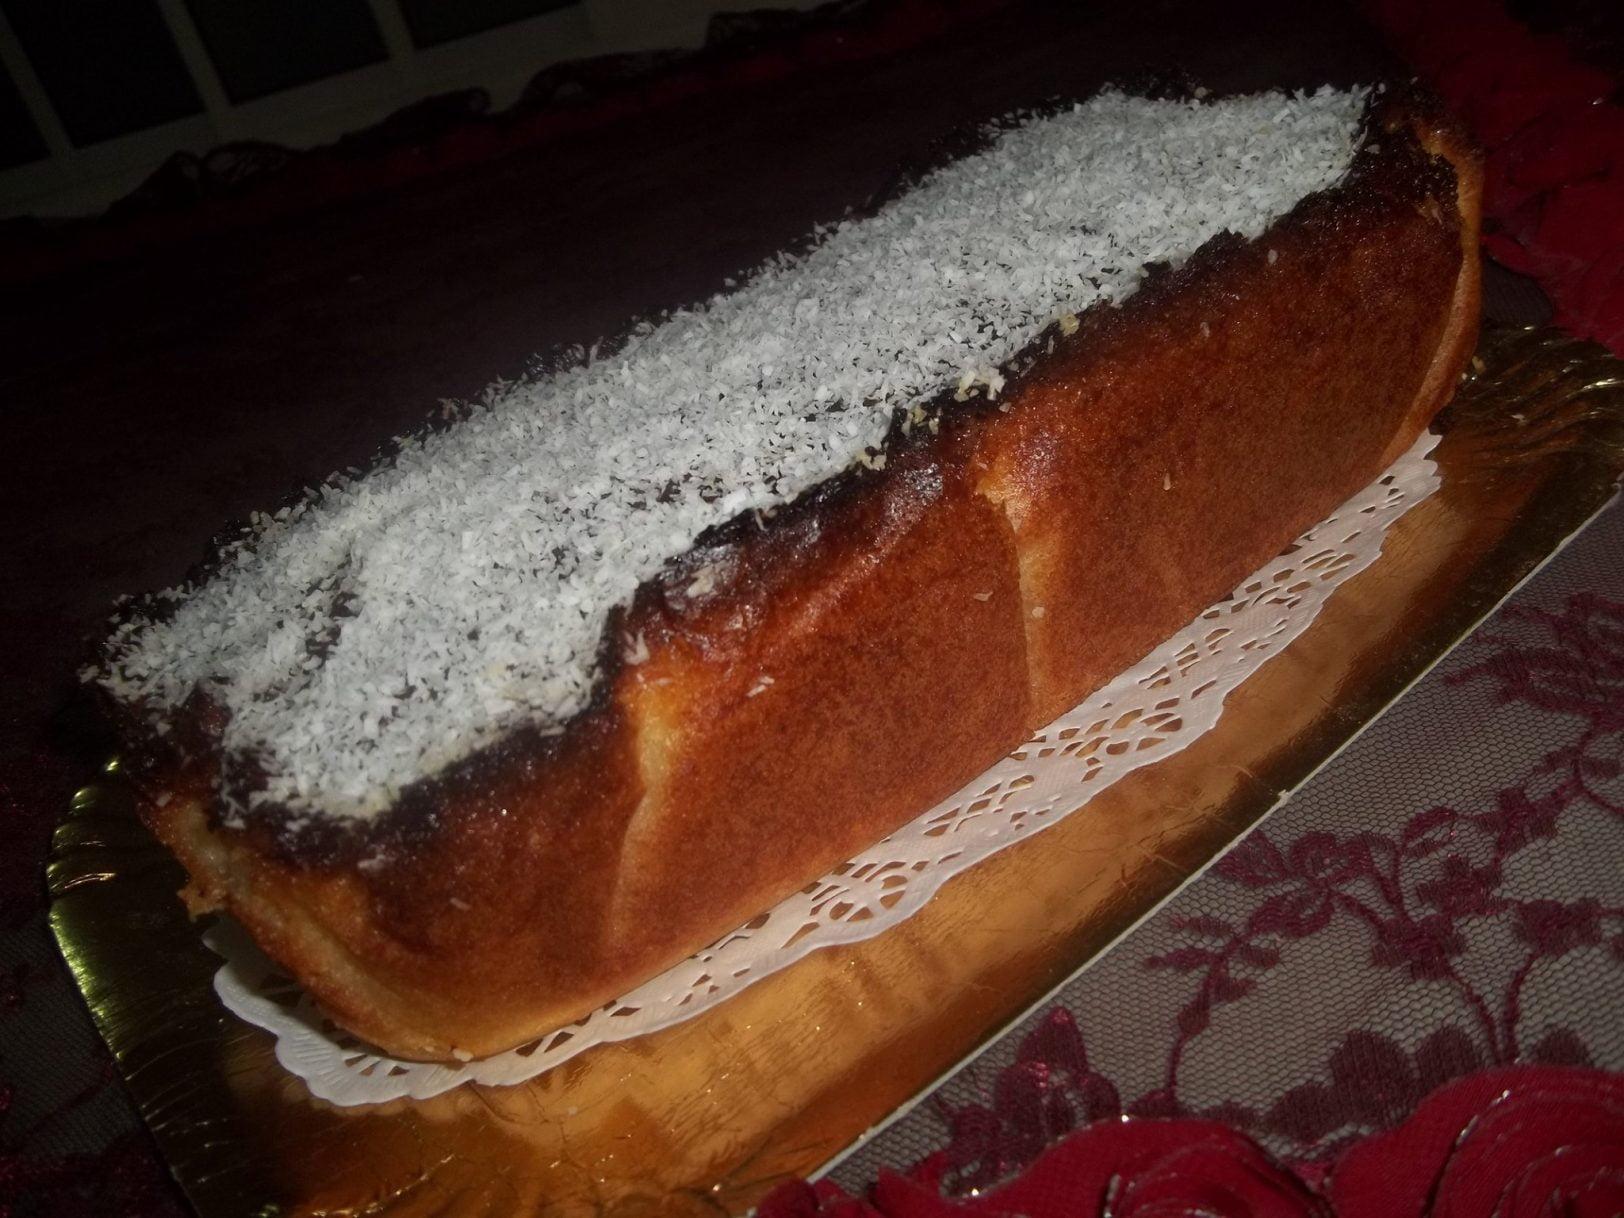 עוגת  סולת  בניחוח עז של תפוזים_מתכון של ג'וליאנה רומני חכמון – מאסטר מתכונים